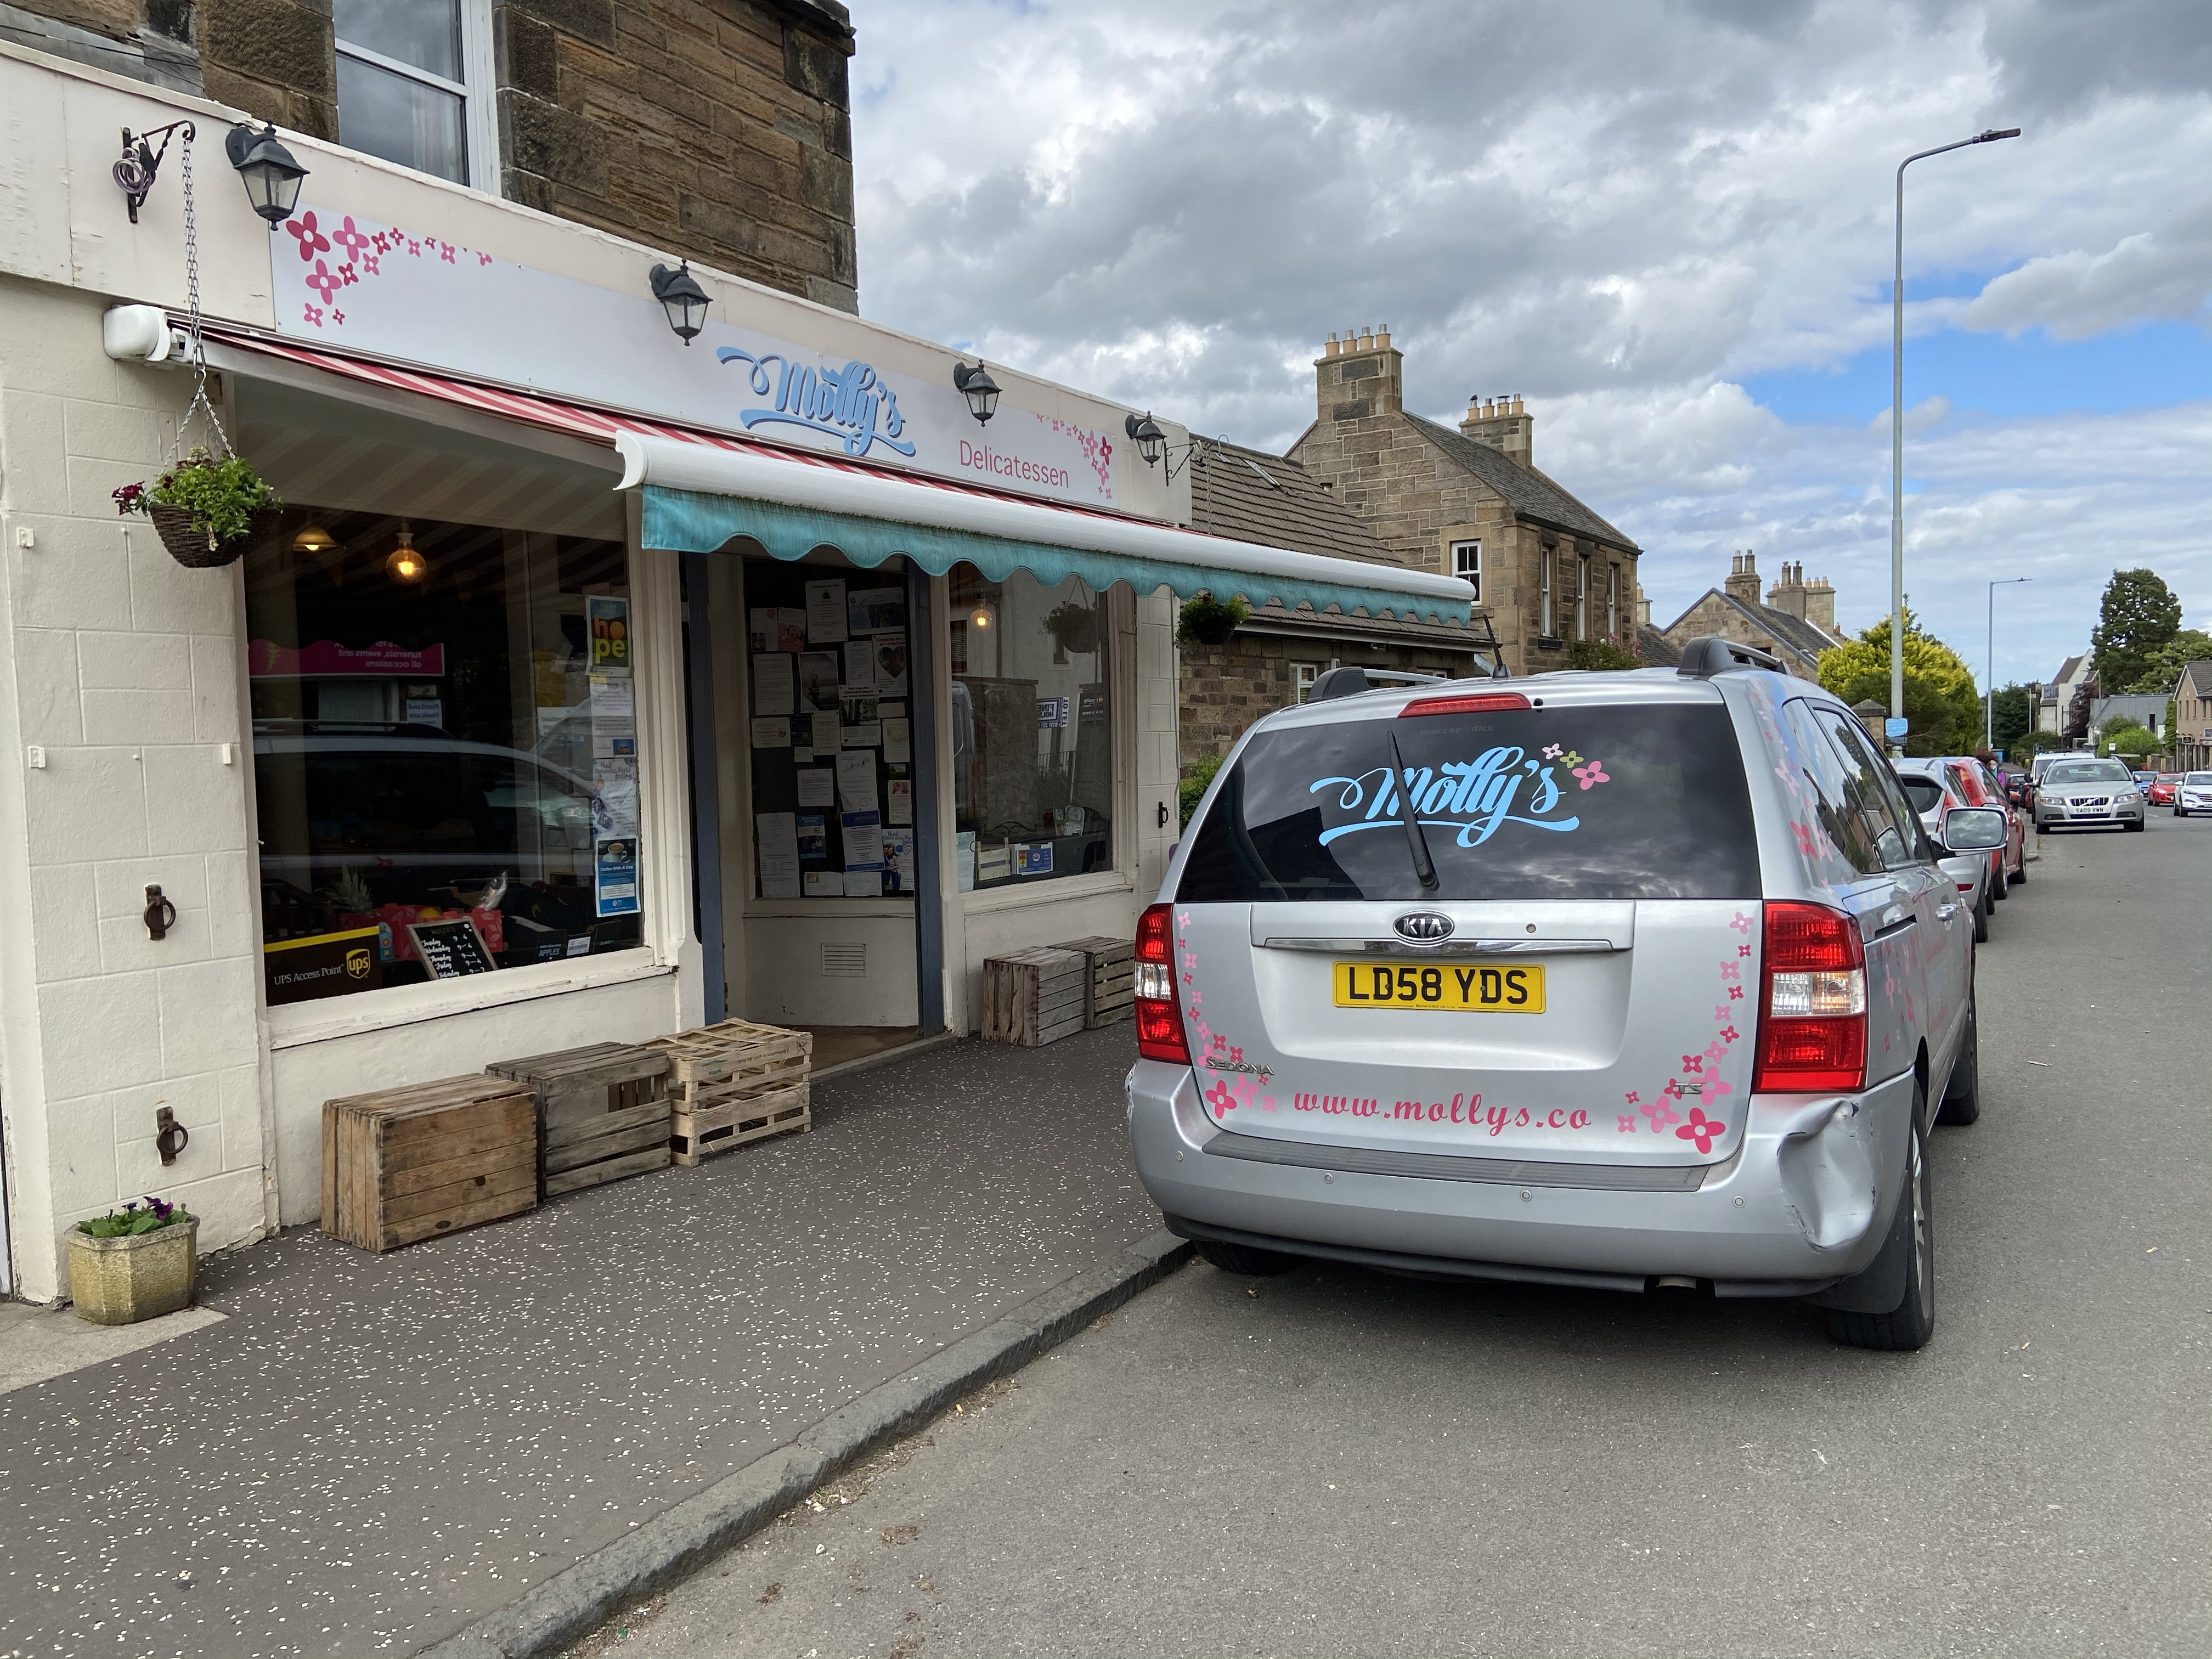 Molly's Coffee Shop & Delicatessen